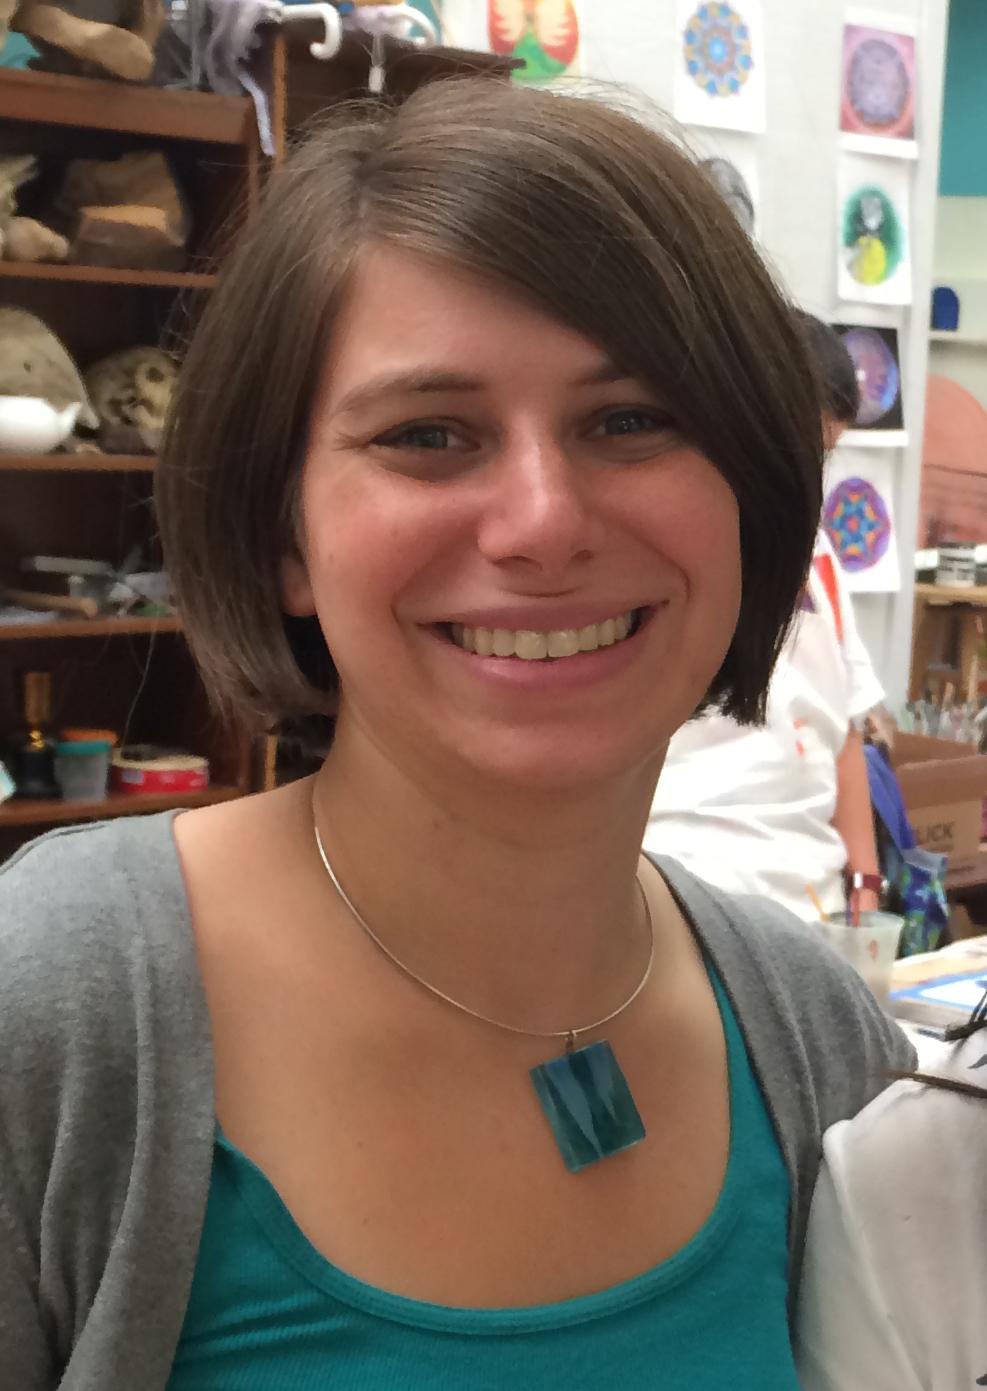 Rachel - color head shot